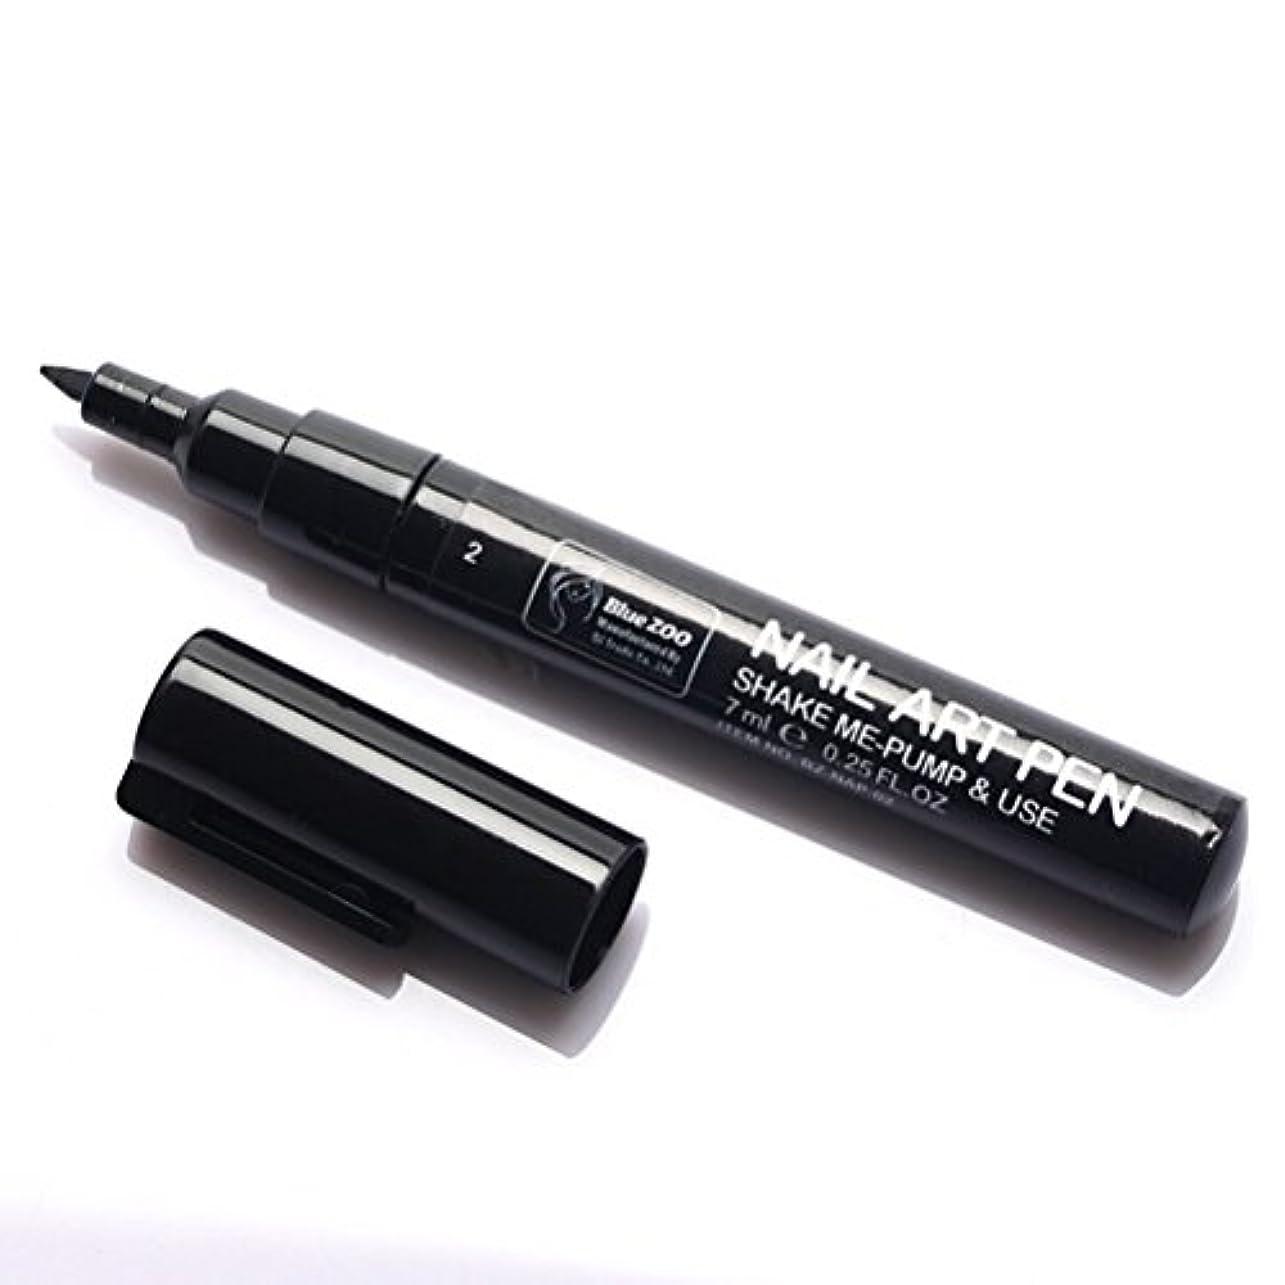 破壊するのために狐(メイクアップエーシーシー) MakeupAcc カラーネイルアートペン 3Dネイルペン ネイルアートペン ネイルマニキュア液 ペイントペン ペイント 両用 DIY 16色 (黒い) [並行輸入品]